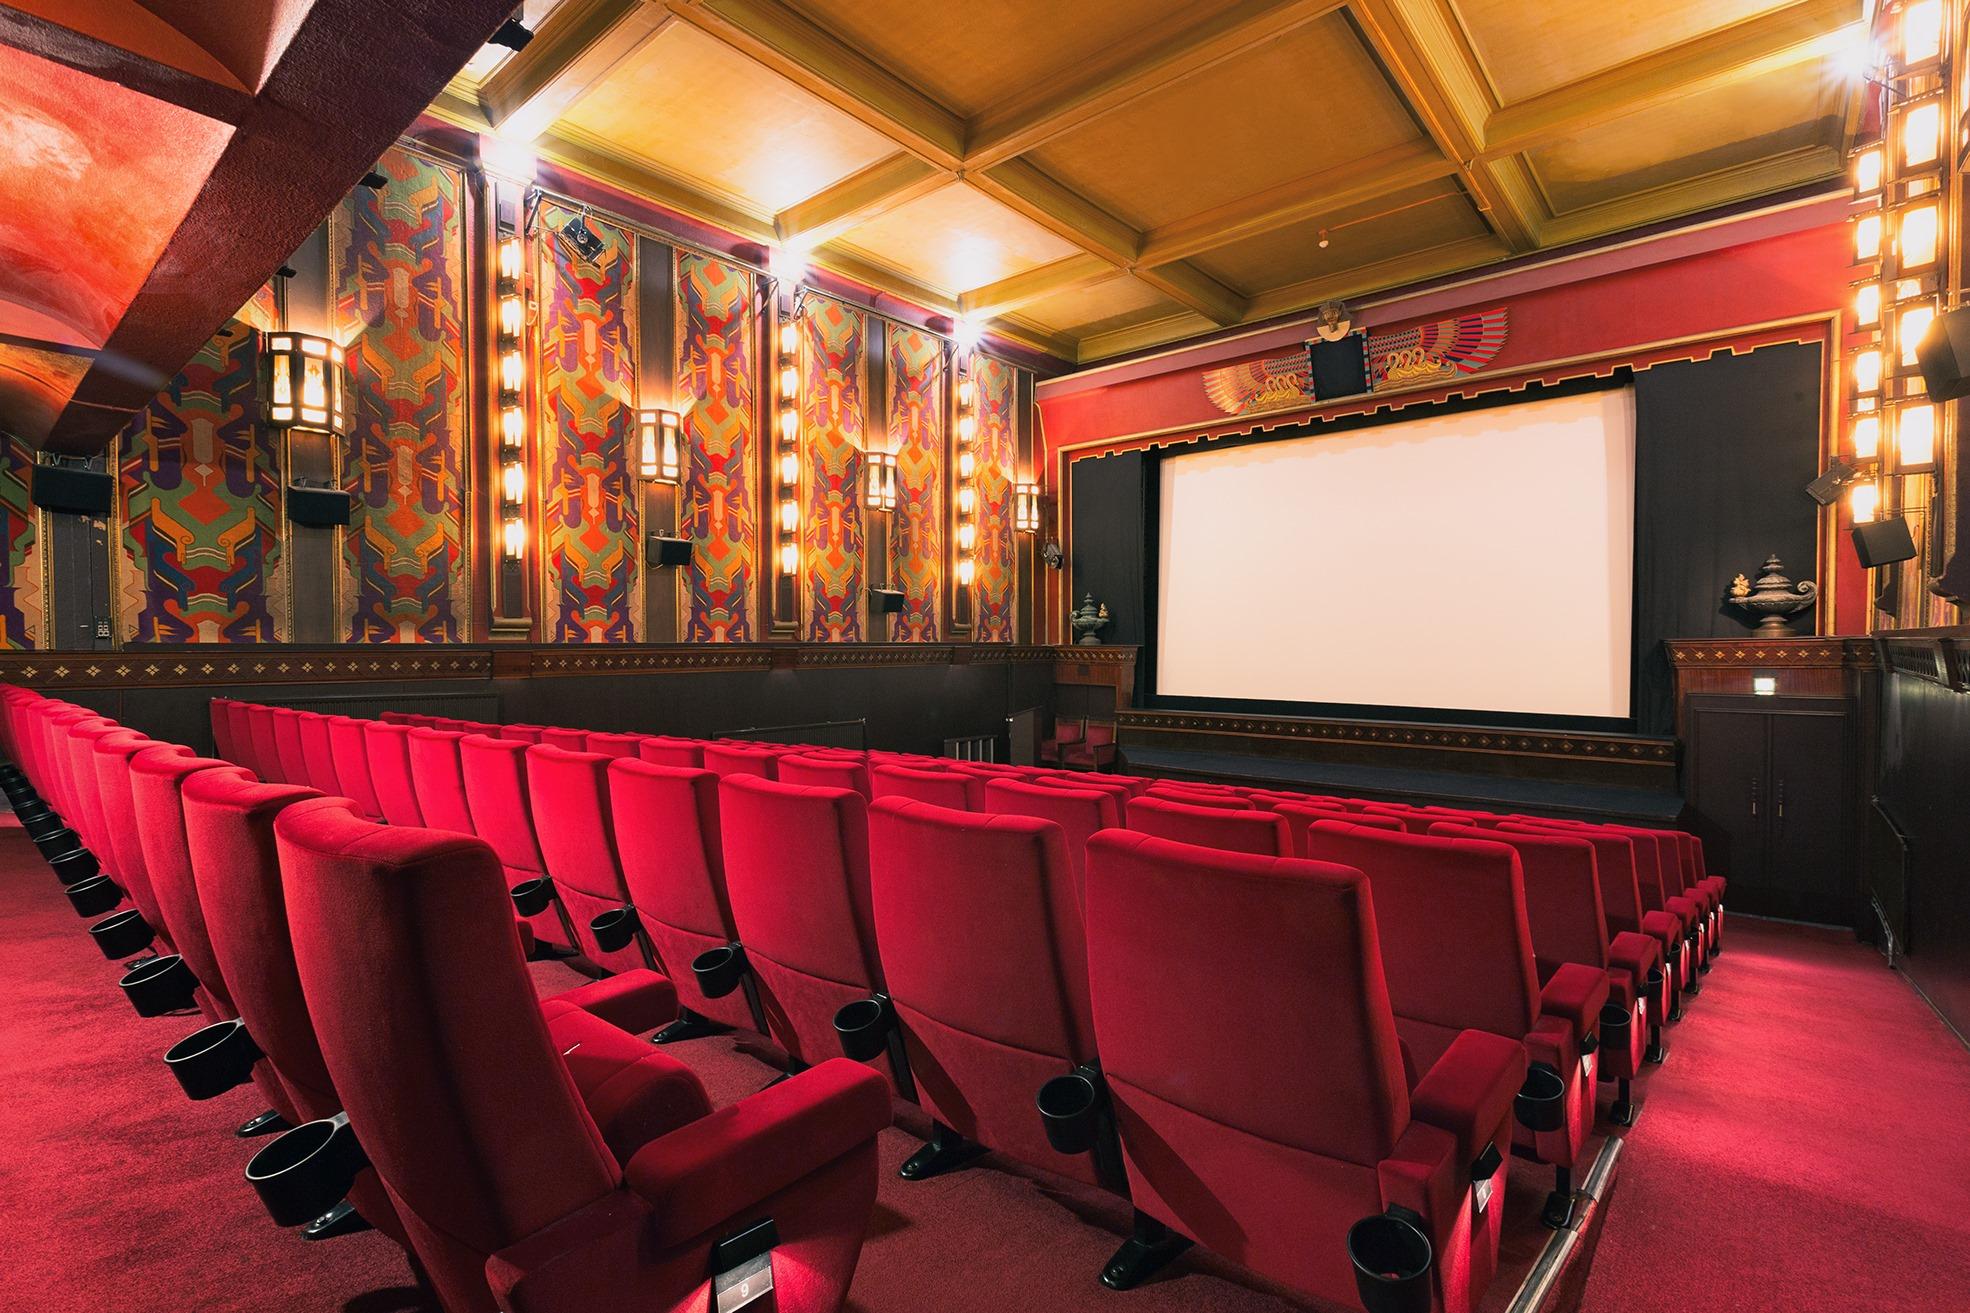 filmhuis amsterdam - bioscoop amsterdam - films amsterdam - film kijken amsterdam - bioscopen amsterdam - cadeaubon - filmbon - ketelhuis - filmhuizen nederland